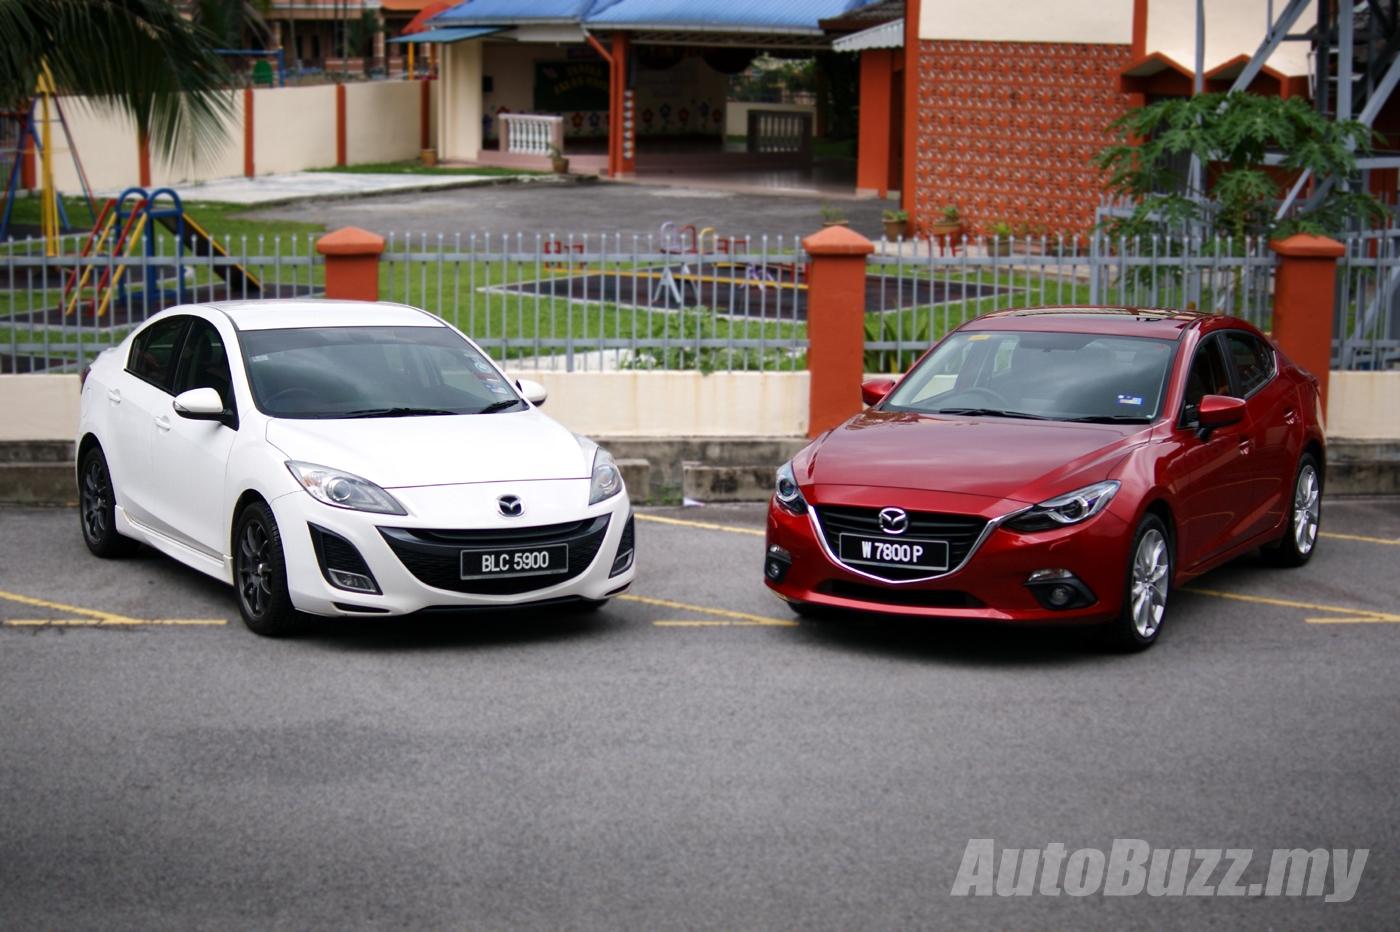 New vs Old 2014 Mazda3 20 SkyActiv  2009 Mazda3 20 Sport